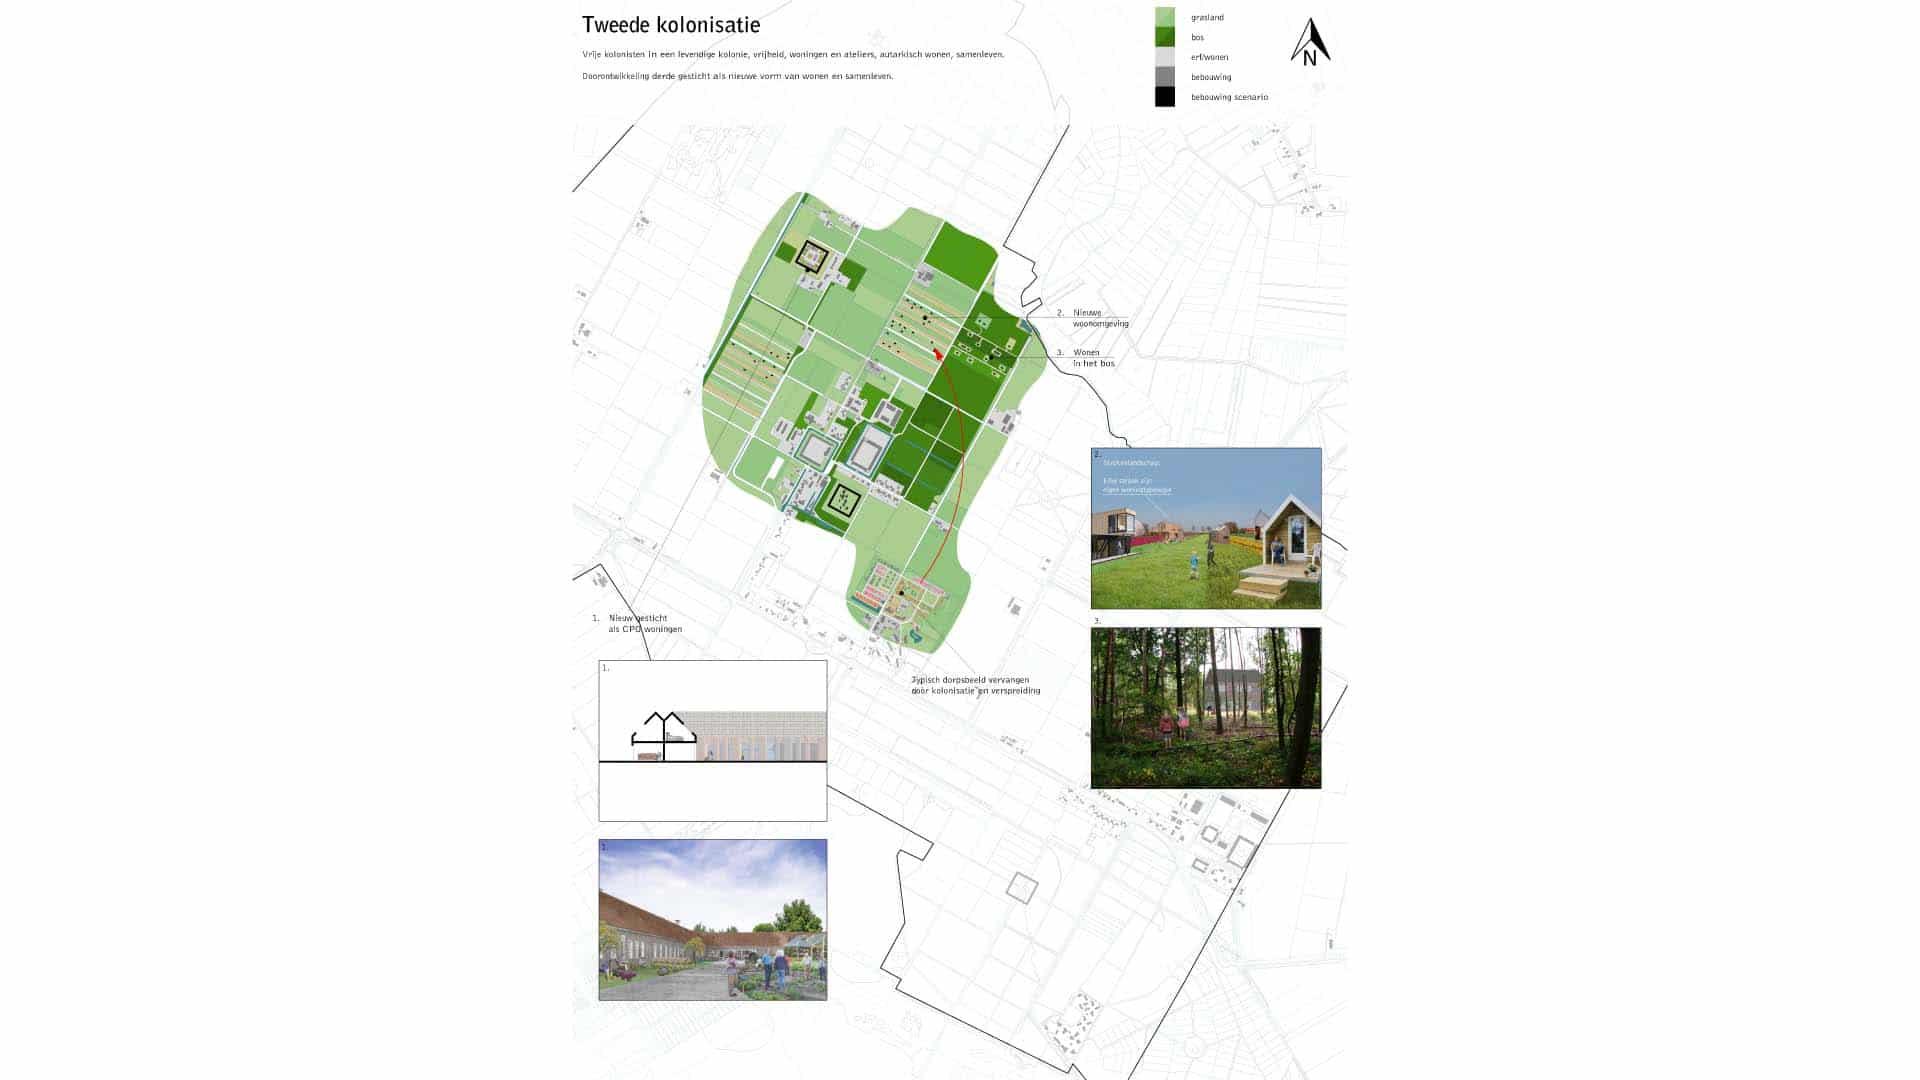 17062_Toekomst Veenhuizen 2018_04